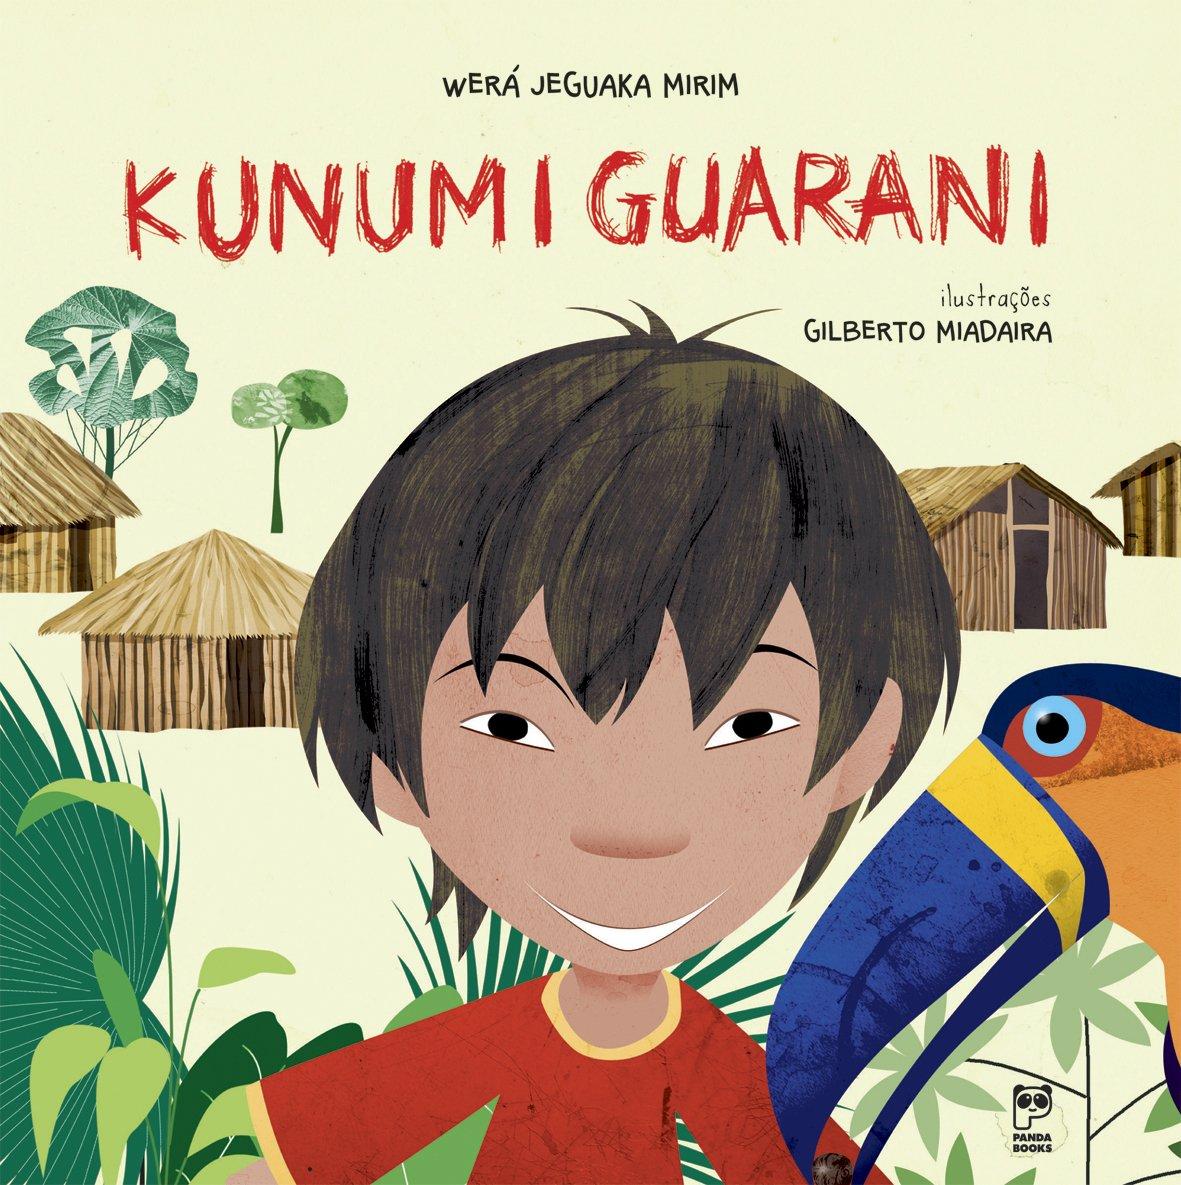 Começou a escrever aos nove anos, uma história indígena que virou o primeiro livro, Kunumi Guarani (Panda Books, 2014)